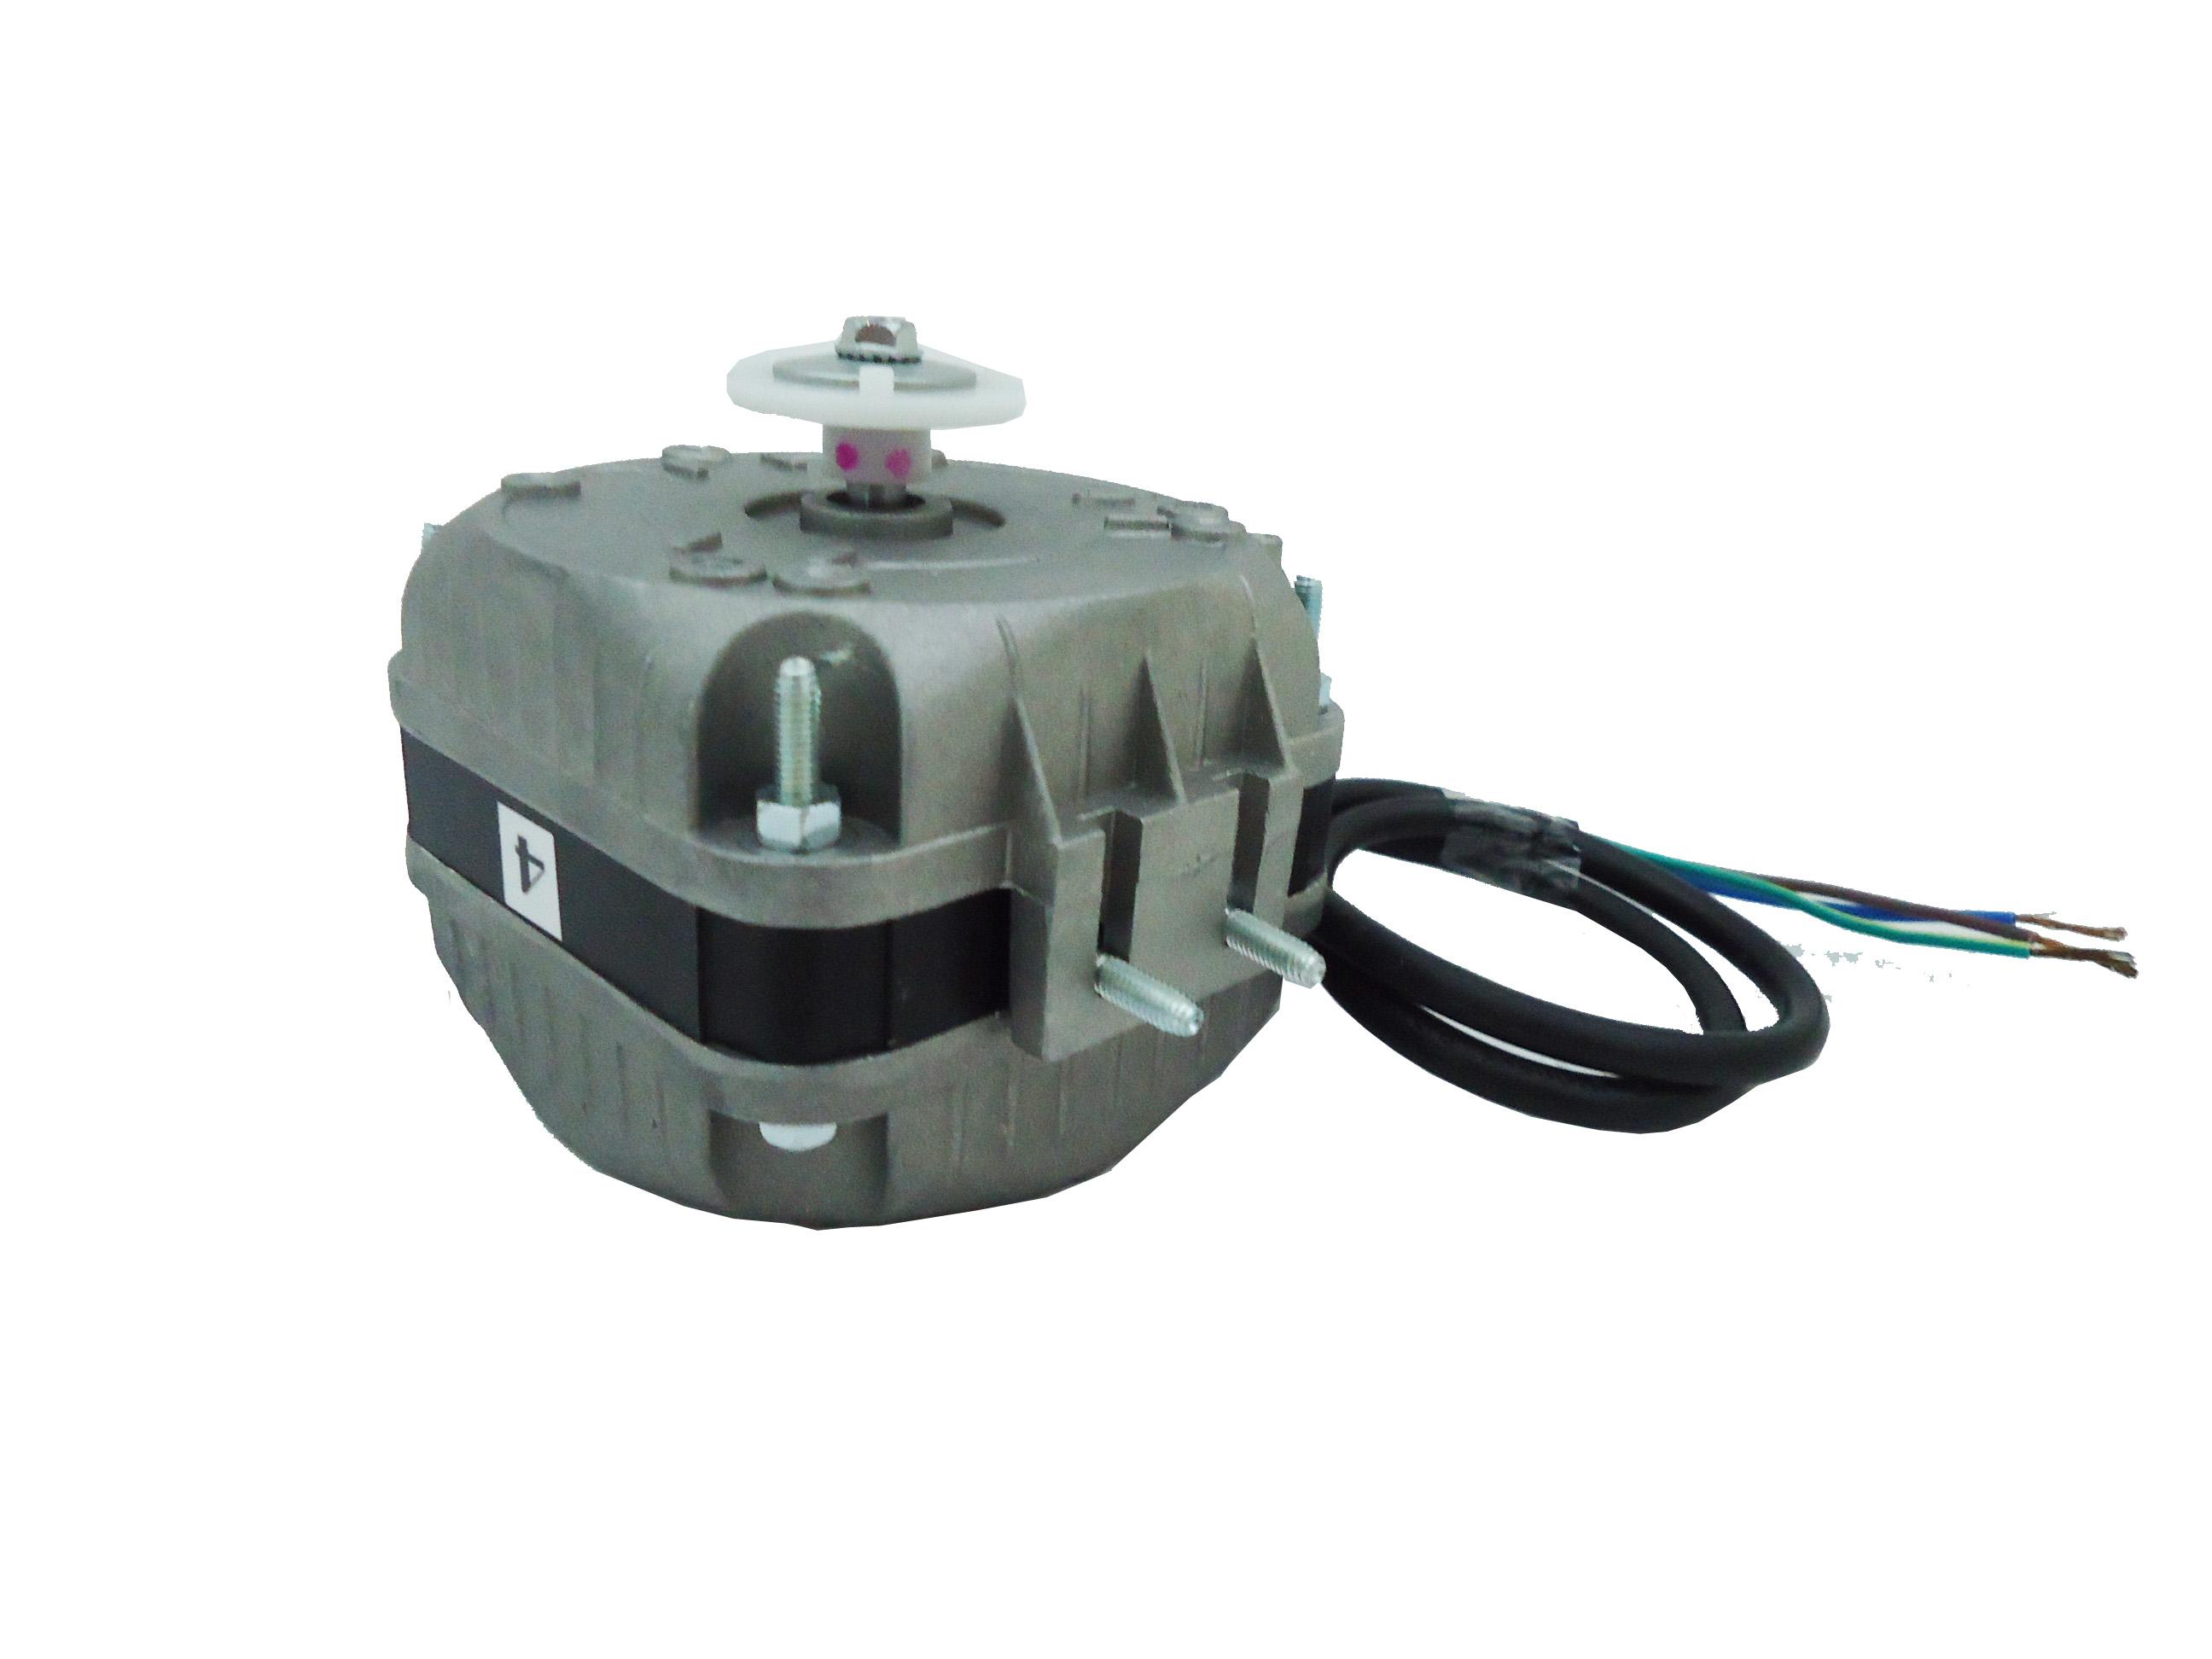 FMI (Fan Motors Italia) 5Watt Ανεμιστήρας Ψυγείων με Διπλή Βάση εξαρτήματα ψύξης   κλιματισμός   ανεμιστήρες ψυγείων  εξαρτήματα ψύξης   κλιματι